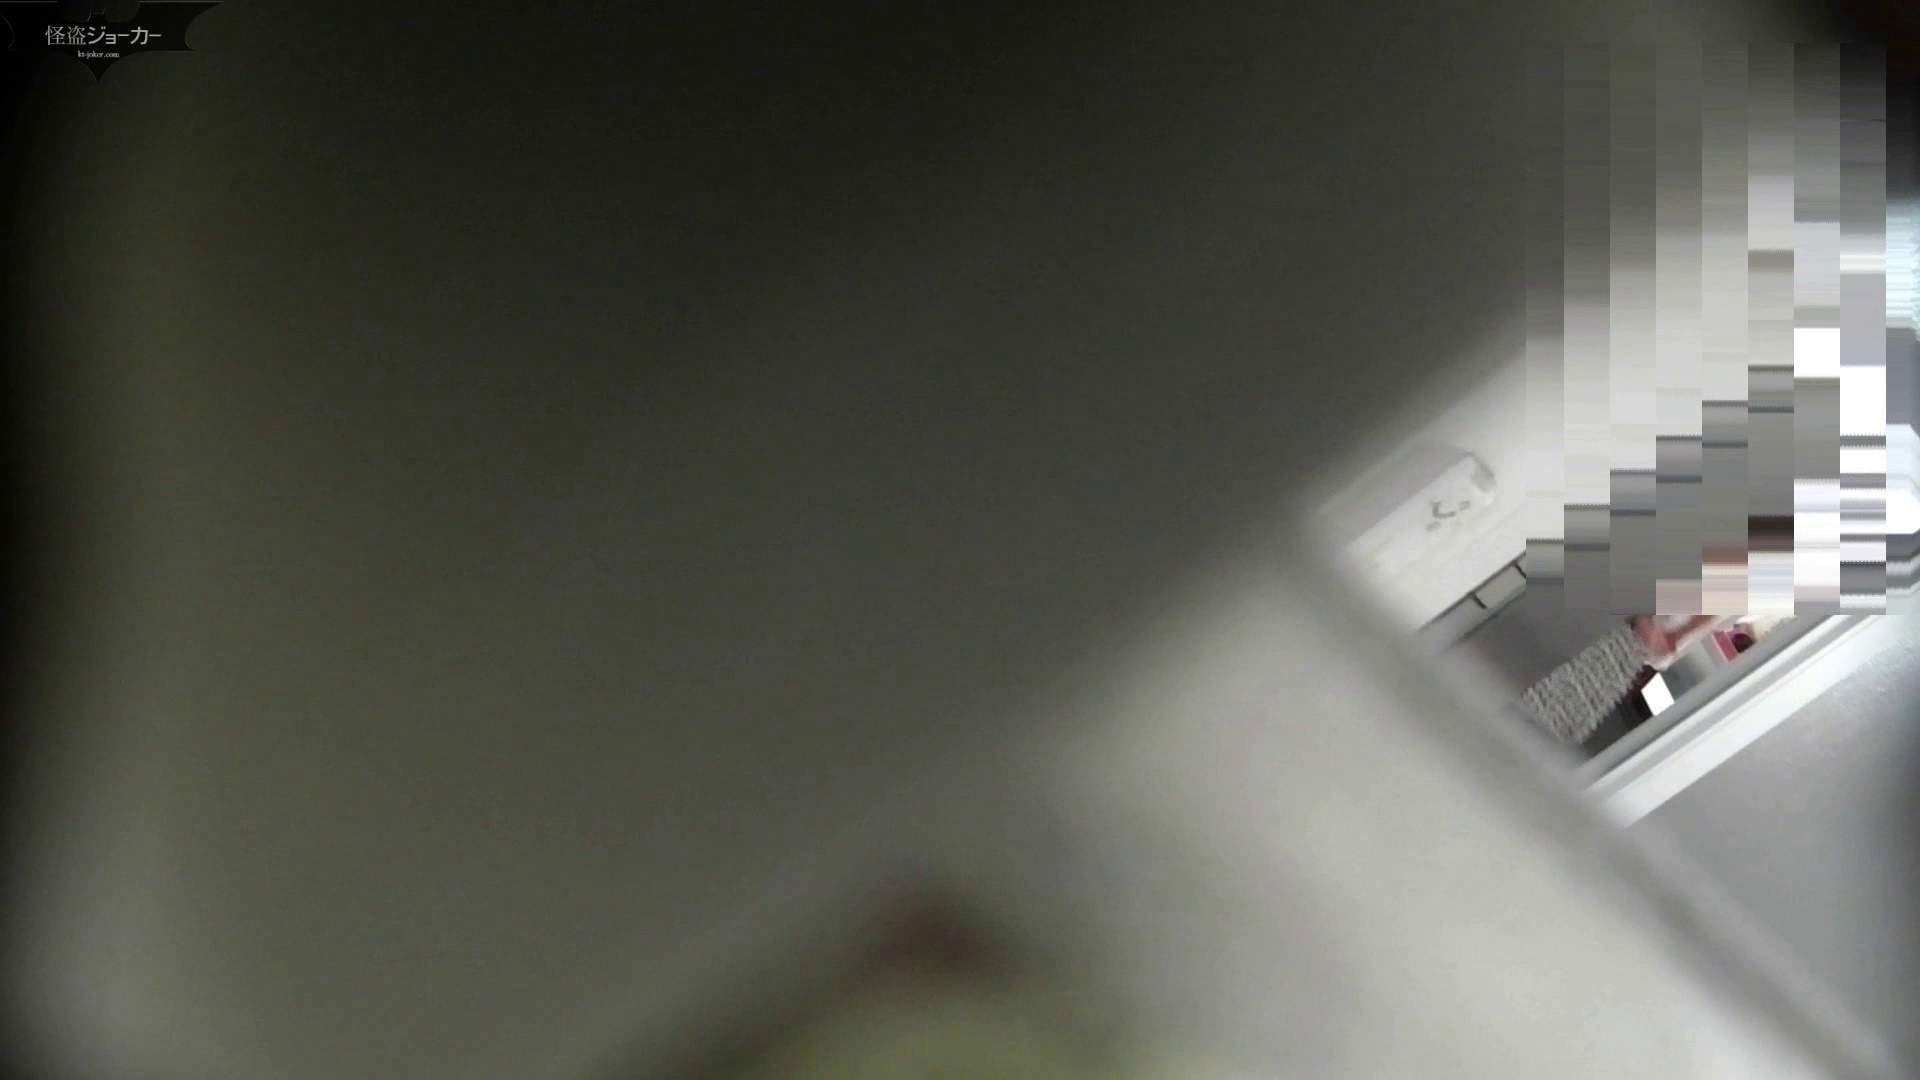 【美しき個室な世界】洗面所特攻隊 vol.051 ギャル達 おまんこ動画流出 100枚 30